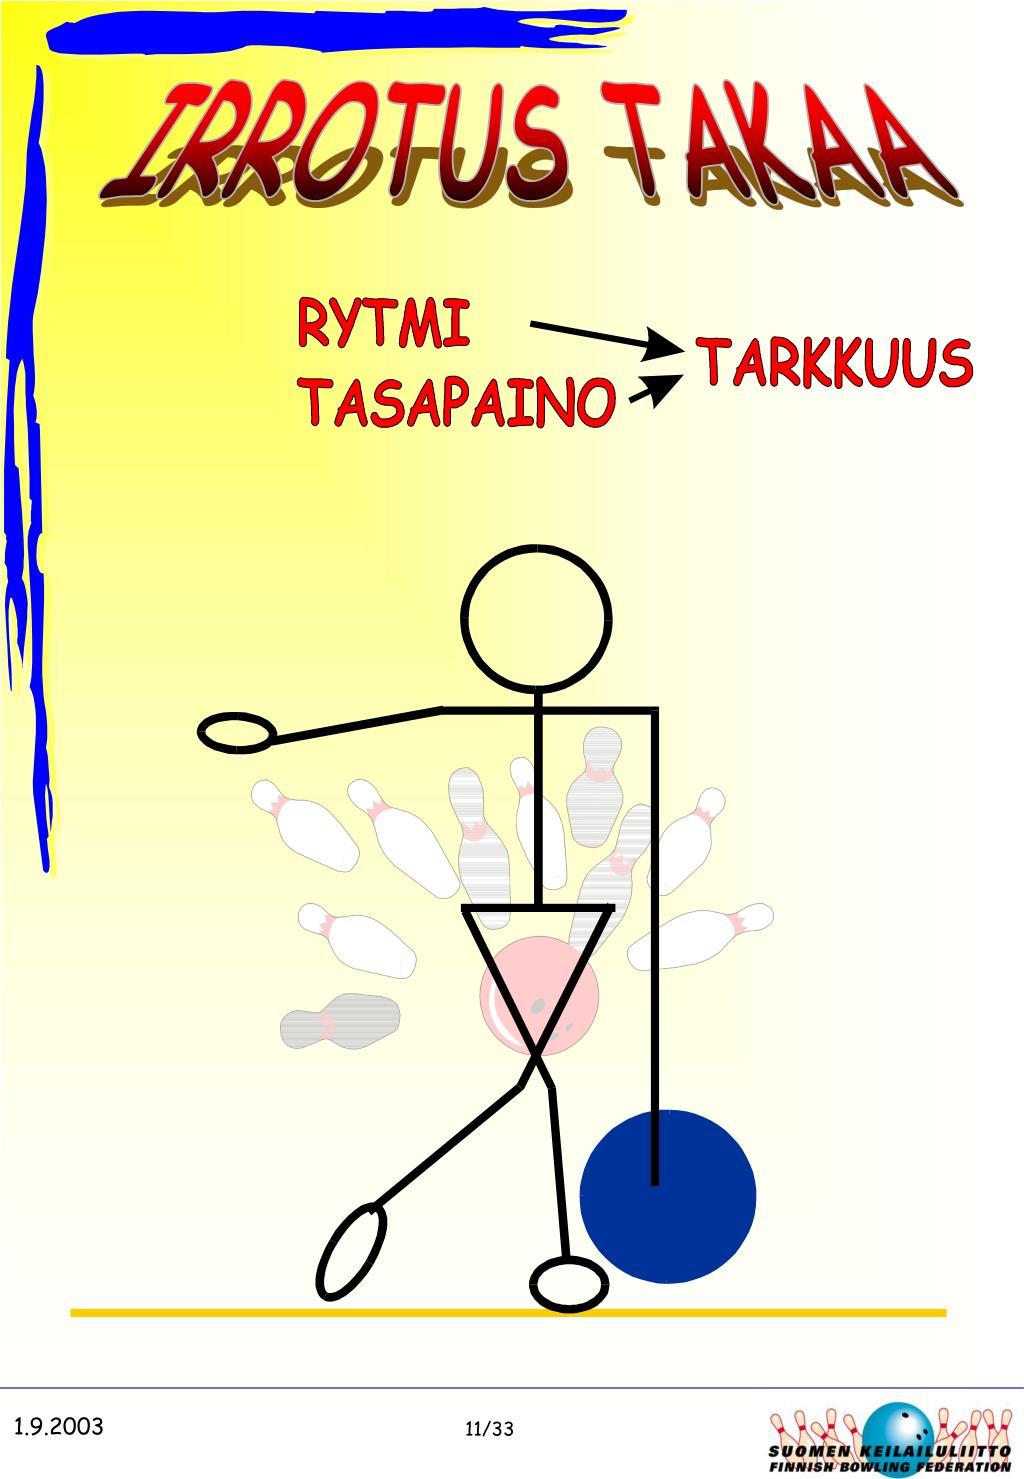 IRROTUS TAKAA